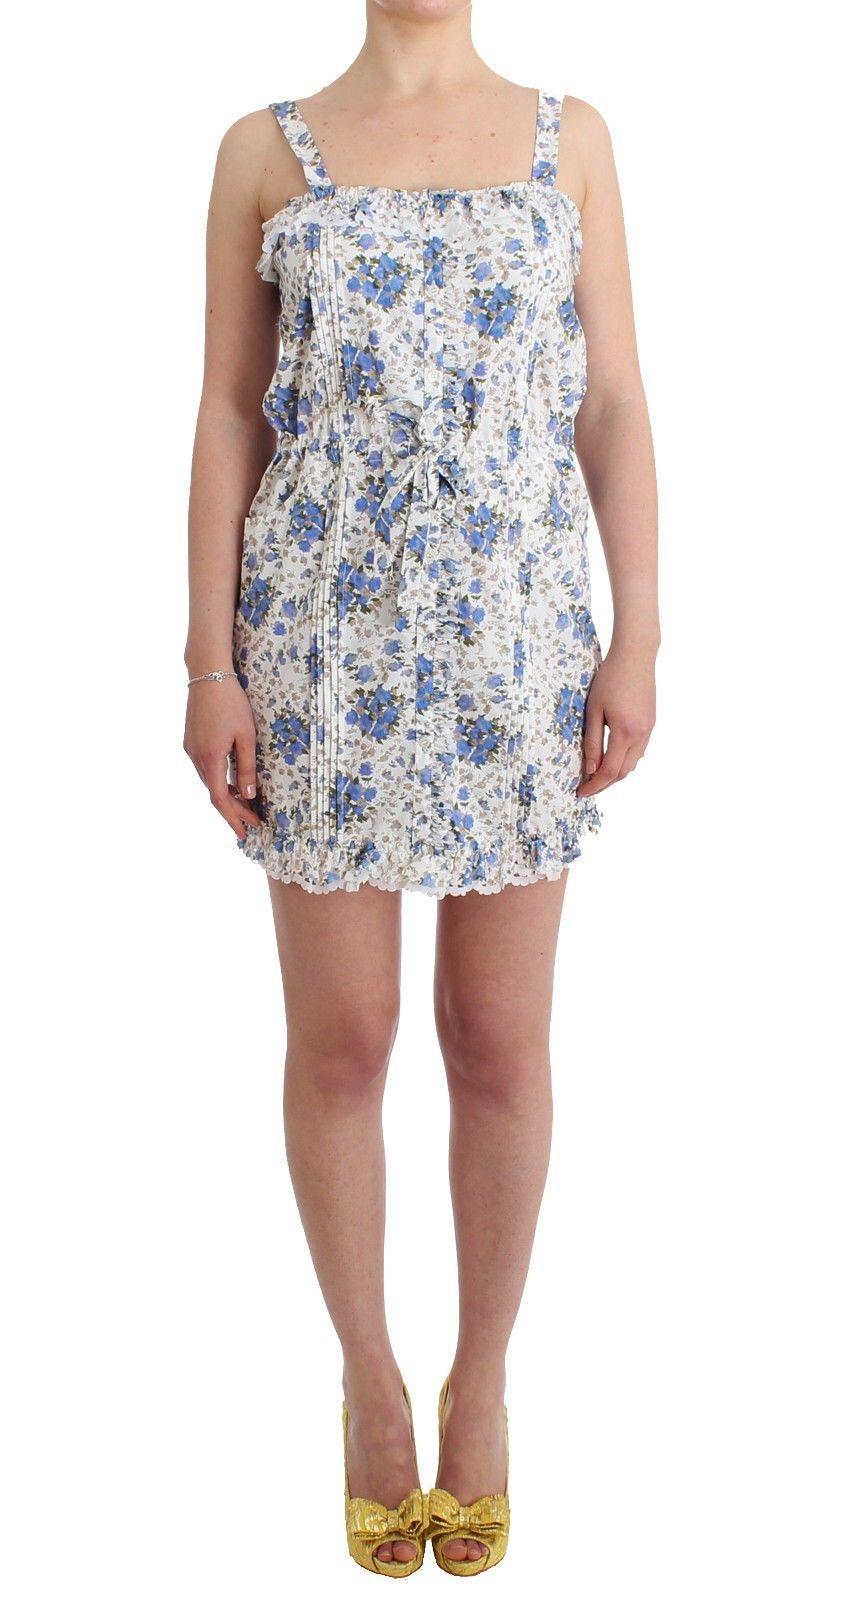 Ermanno Scervino Women's Floral Beach Mini Dress Blue SIG11509 - IT46